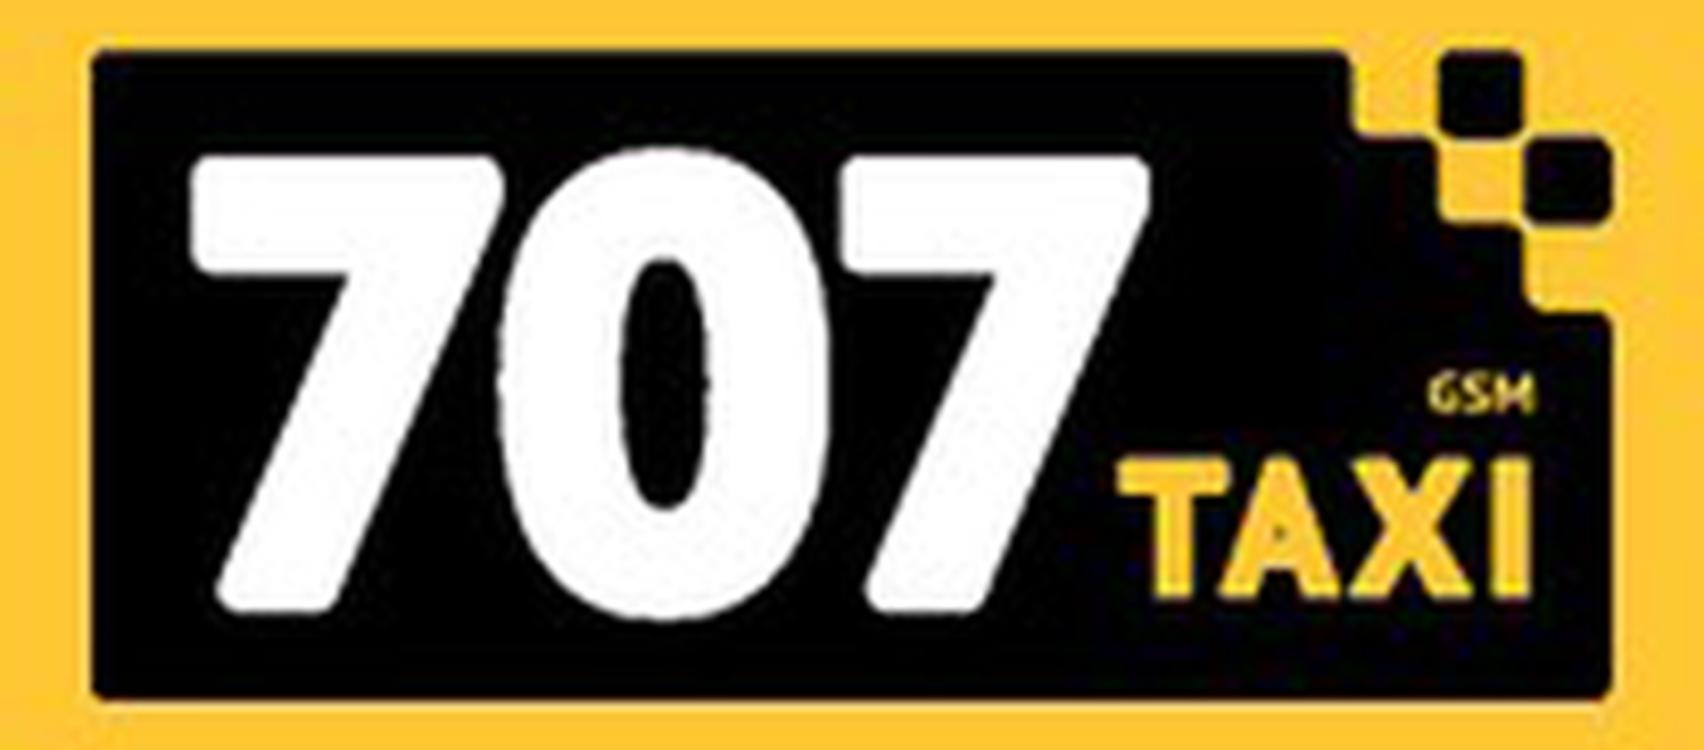 Таксі 707  (Одеса)